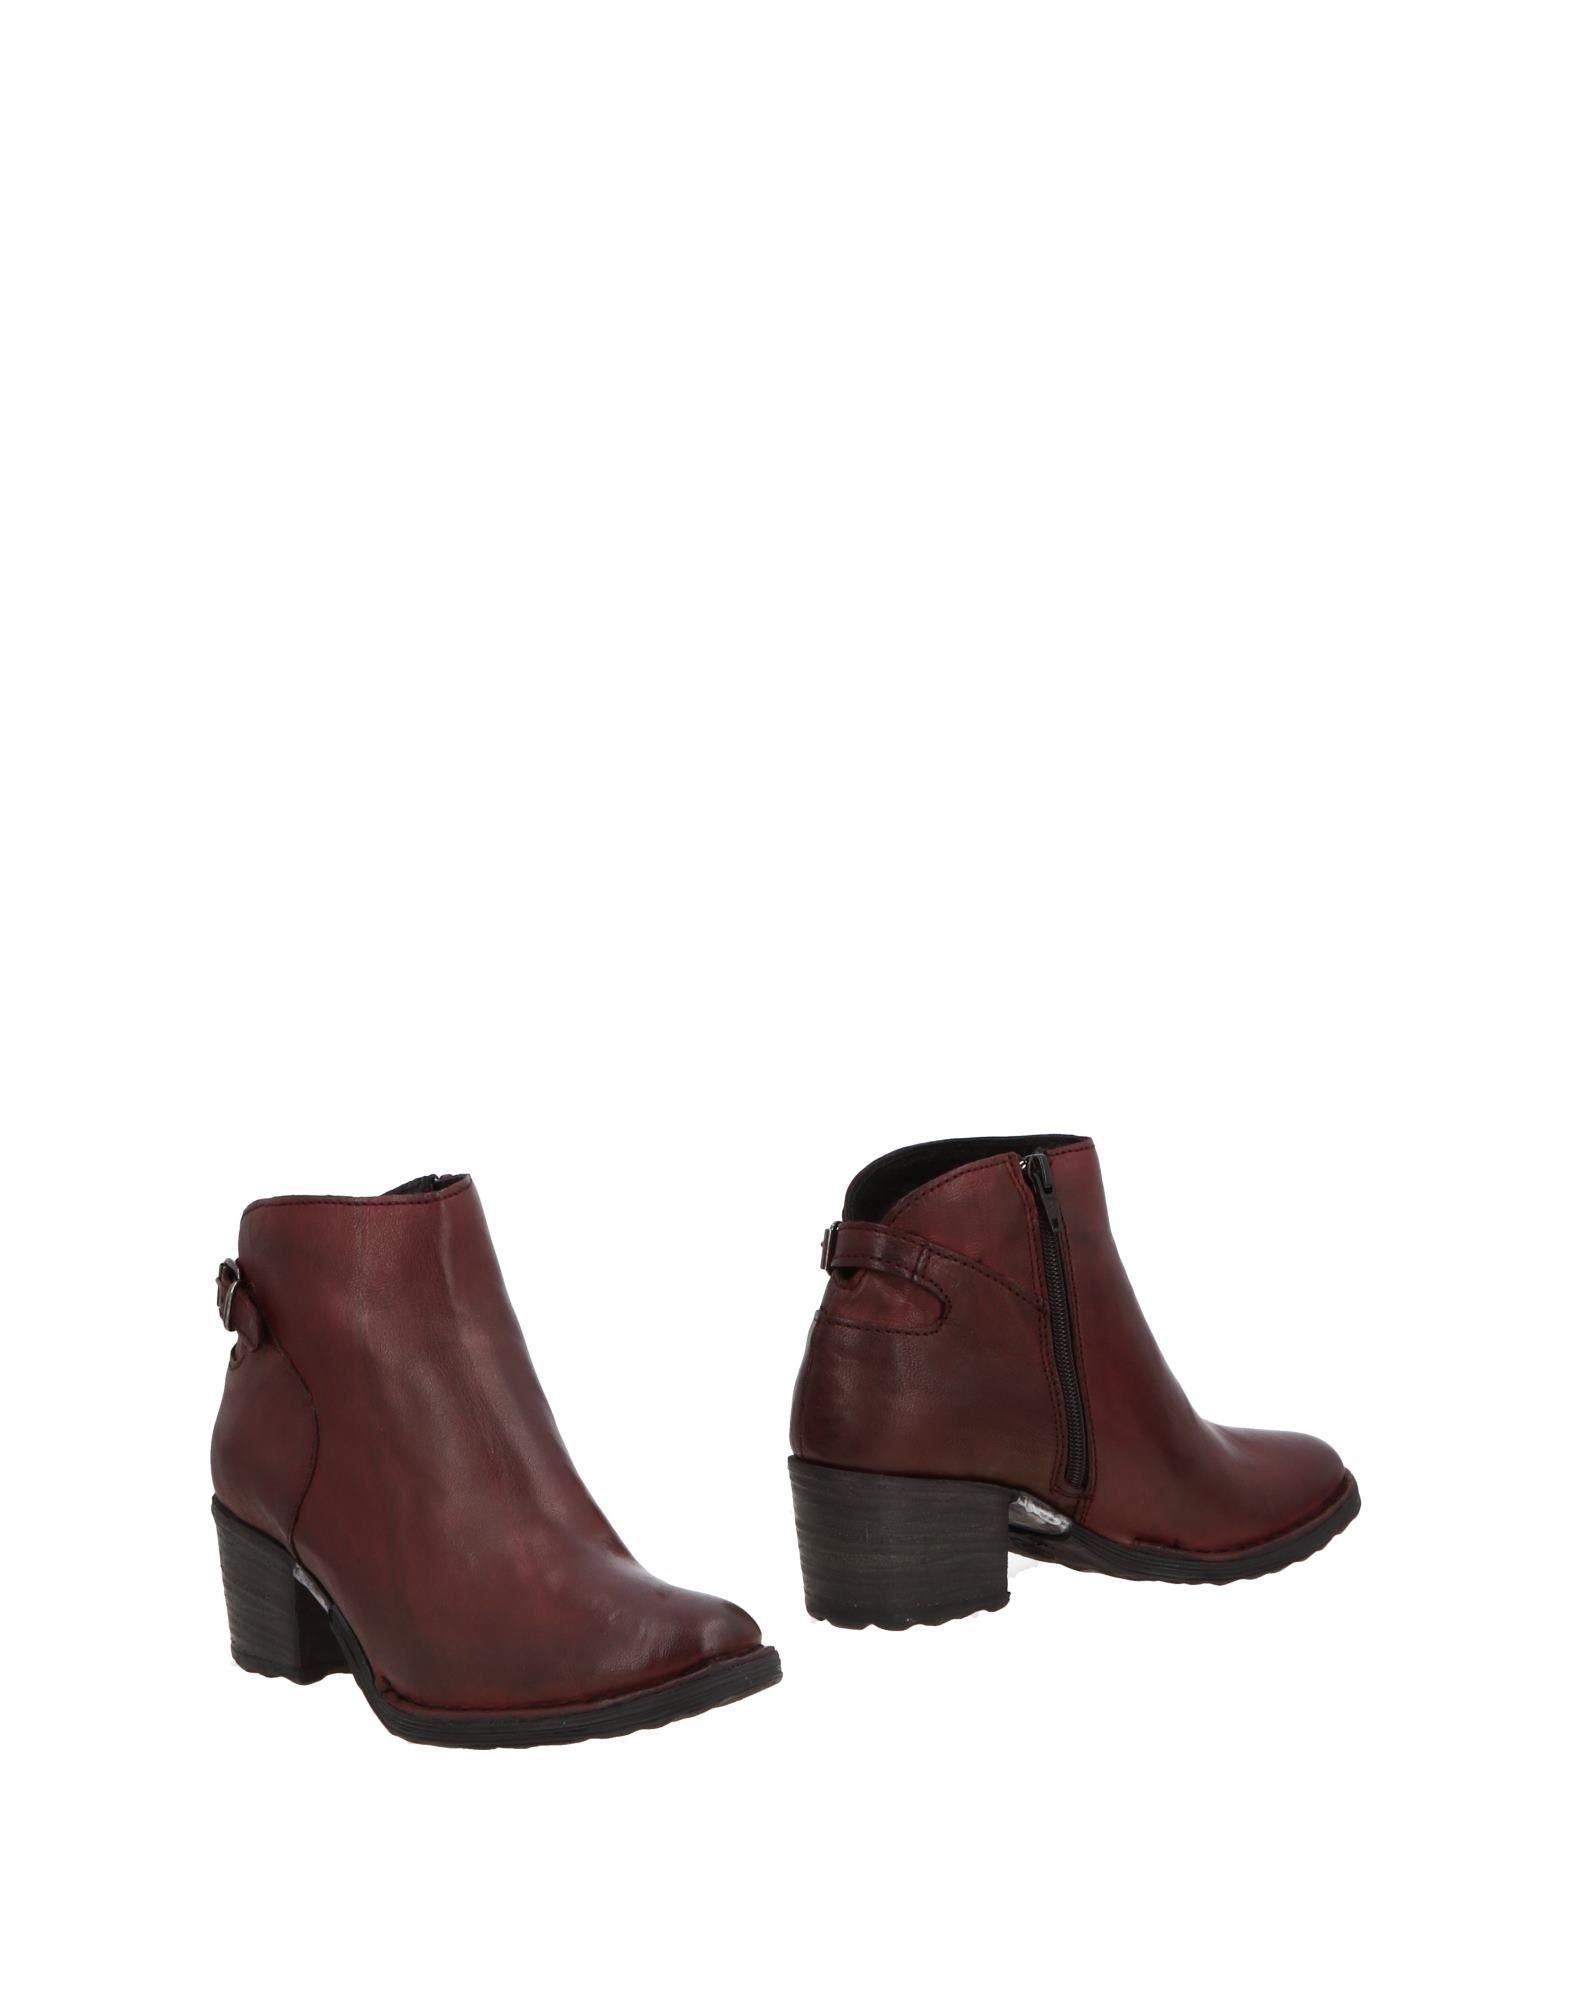 Khrio' Stiefelette Damen  11492083LE beliebte Gute Qualität beliebte 11492083LE Schuhe a76a2f